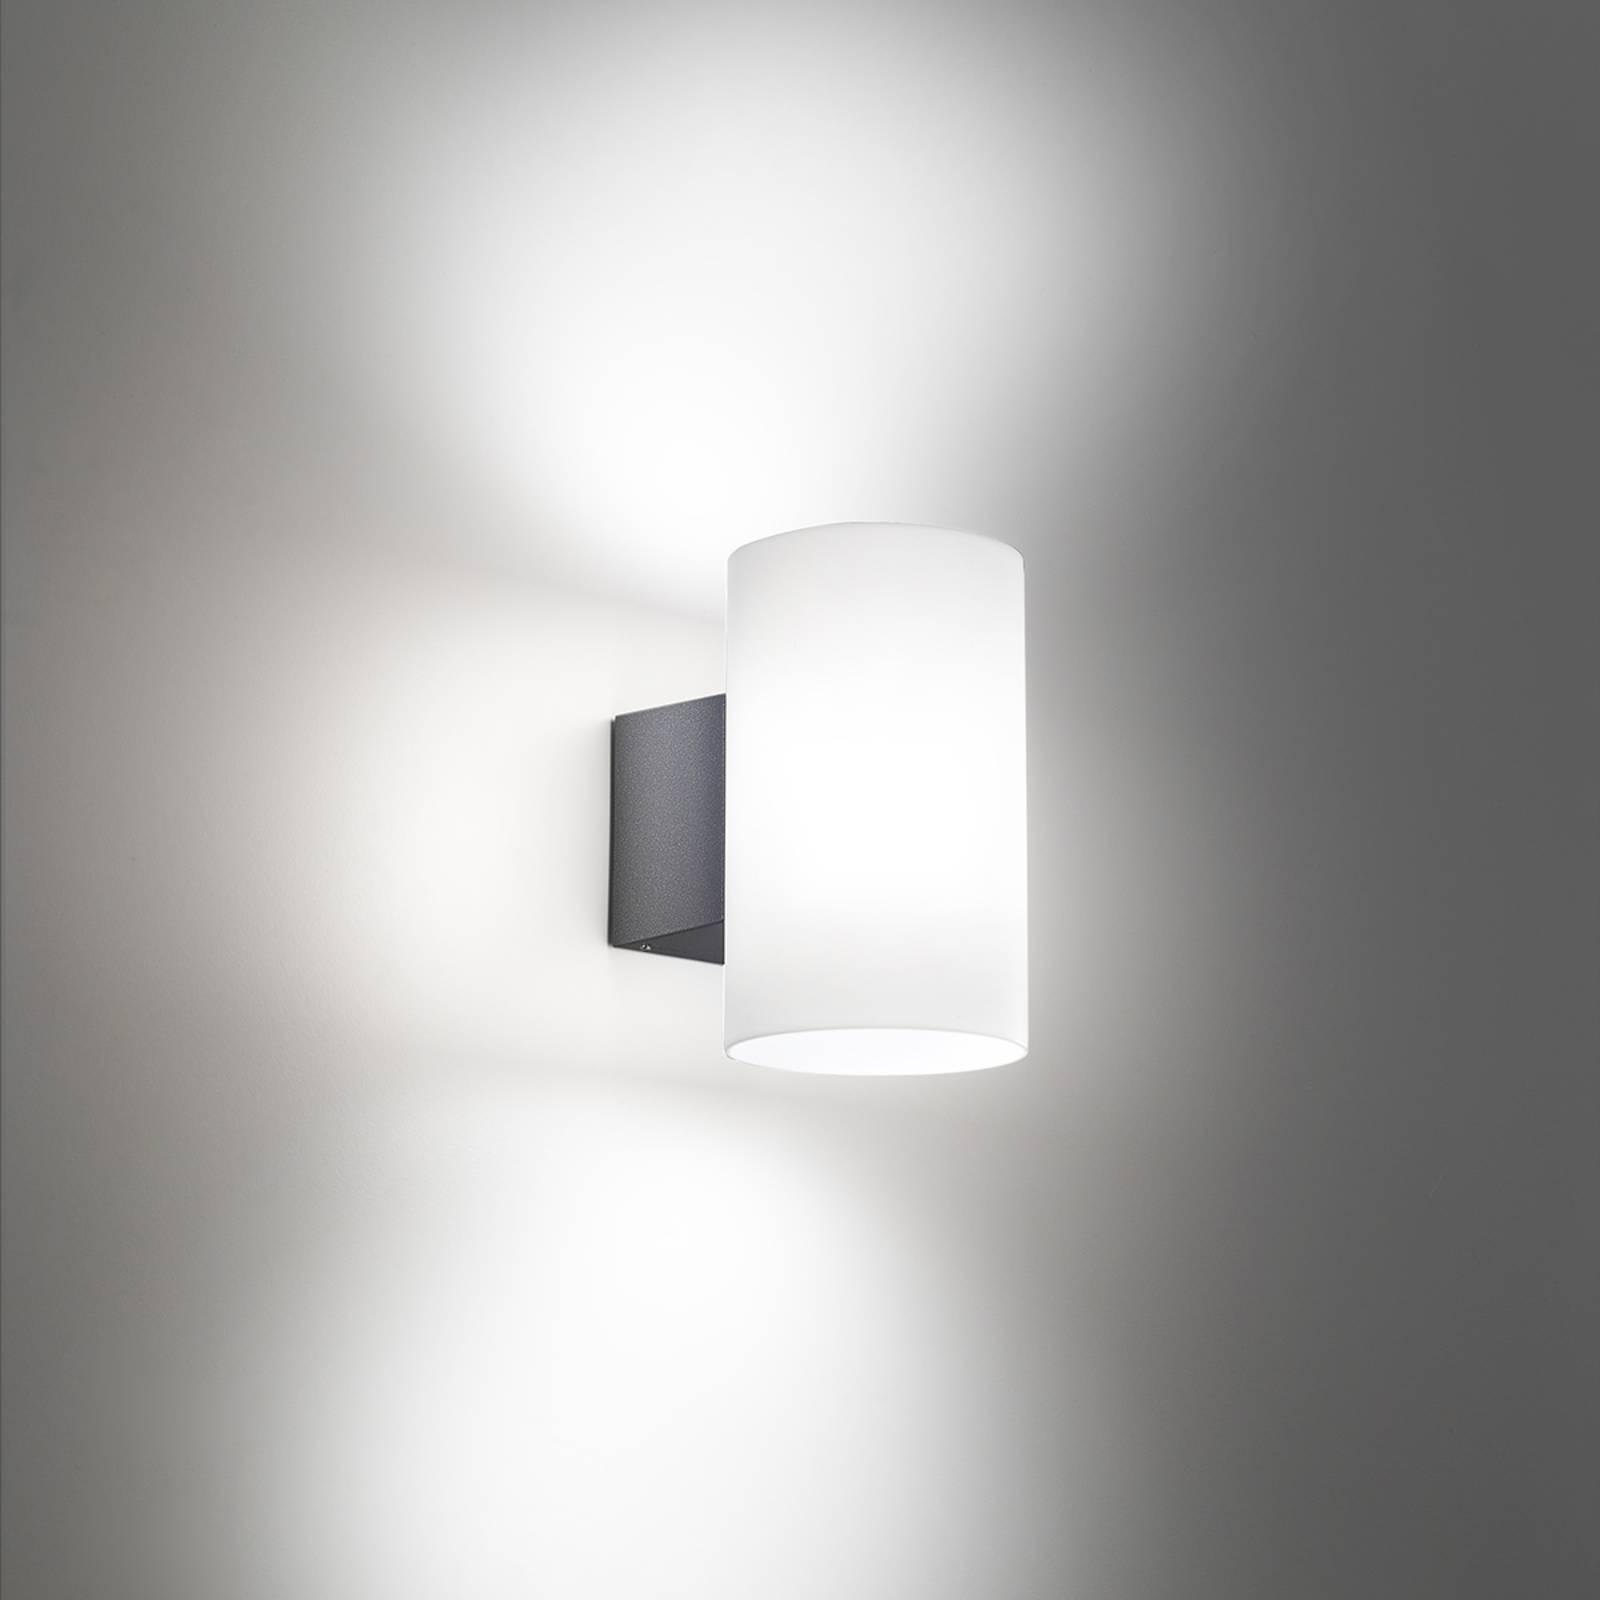 LED-ulkoseinälamppu Bianca, tummanharmaa